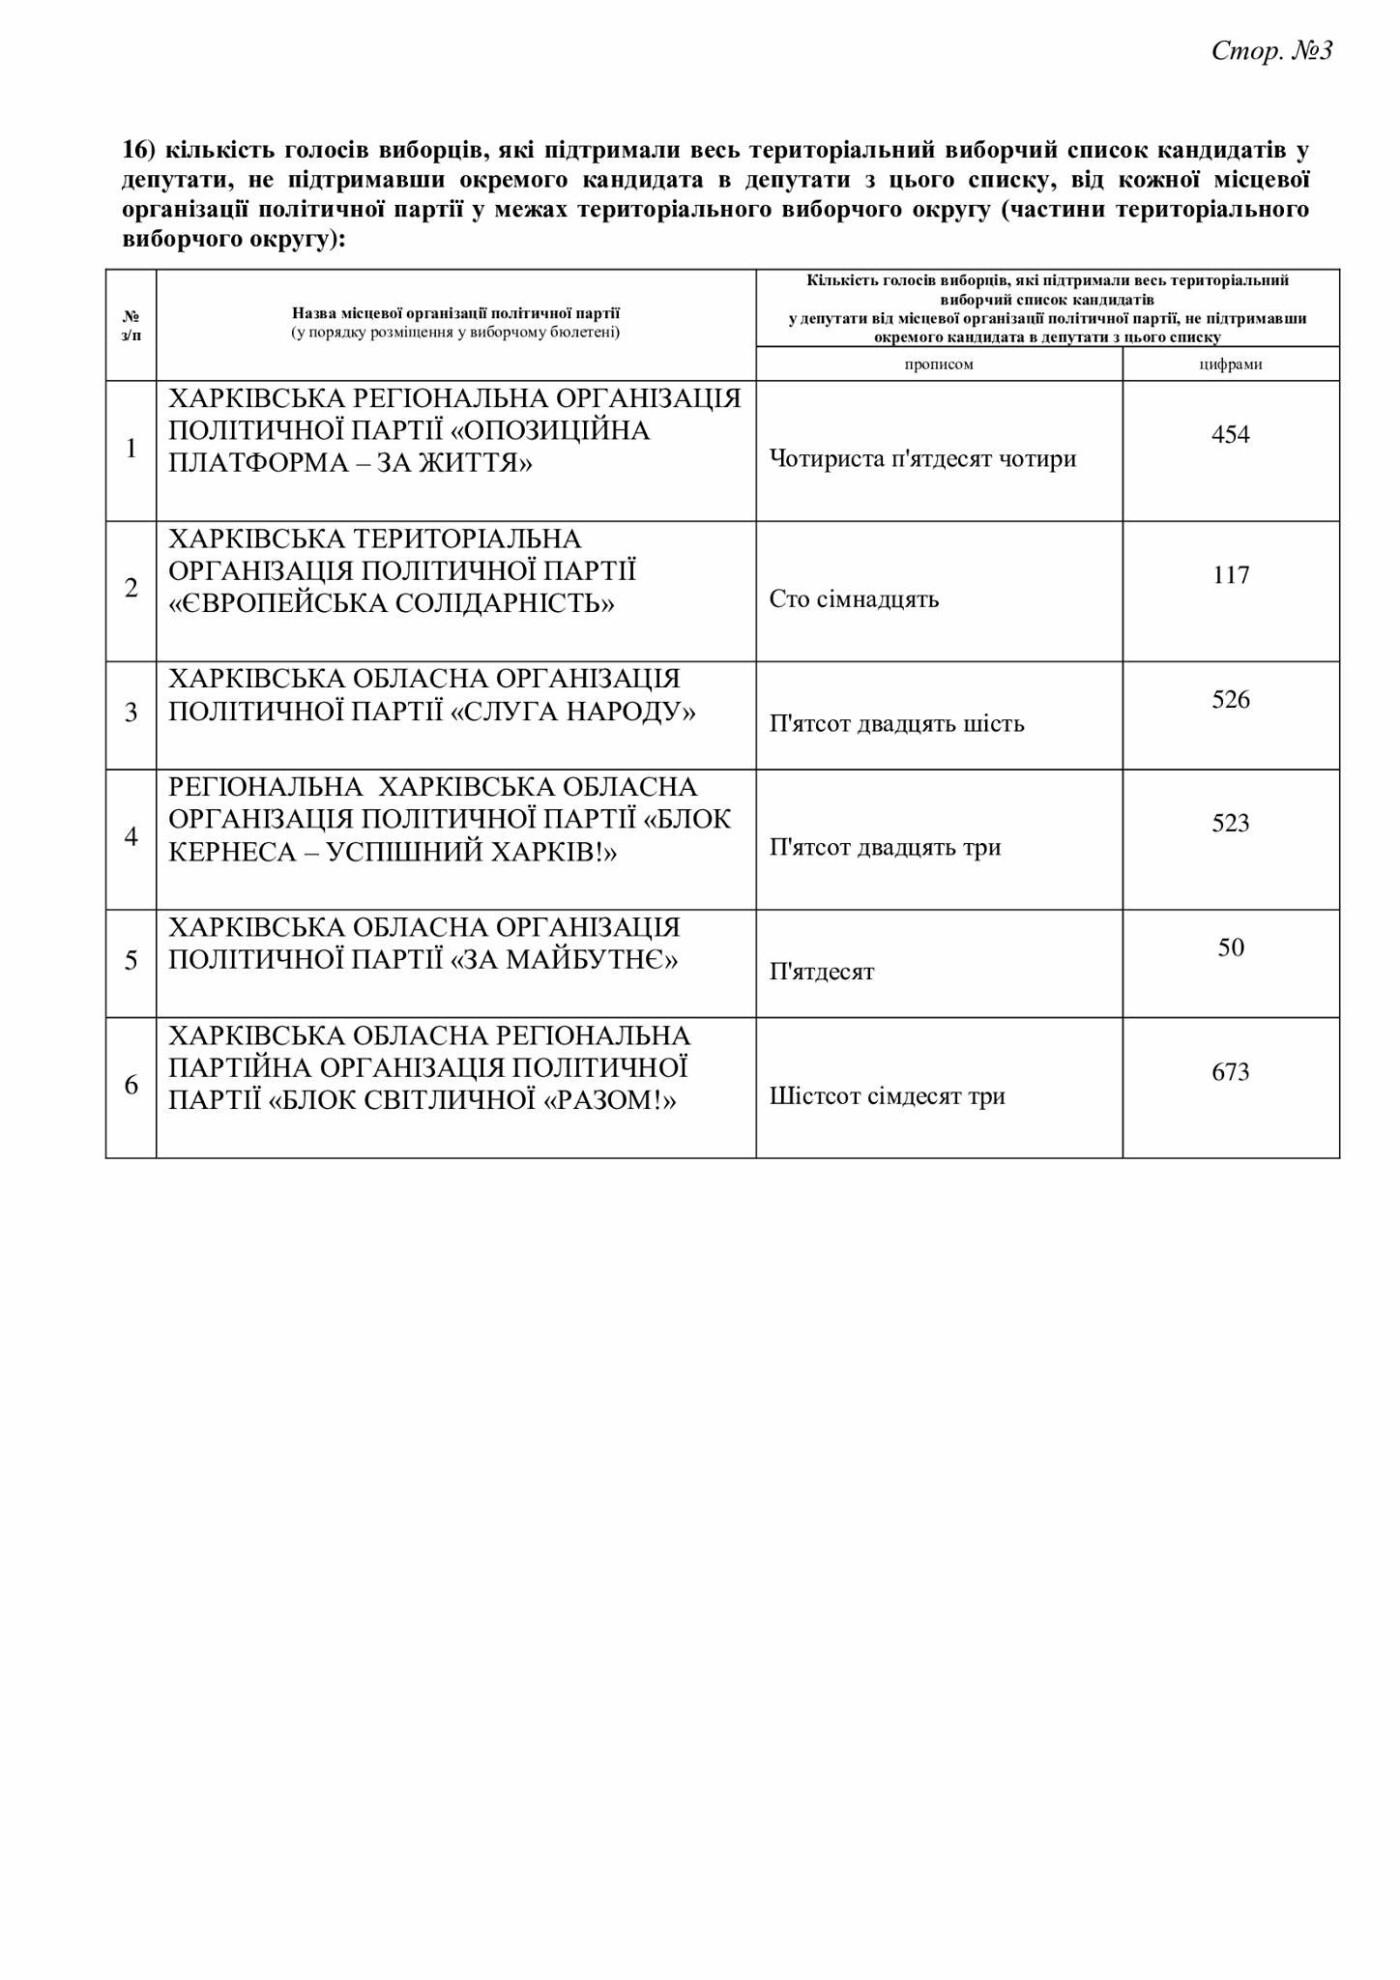 Результаты выборов в Дергачевской ОТГ, фото-35